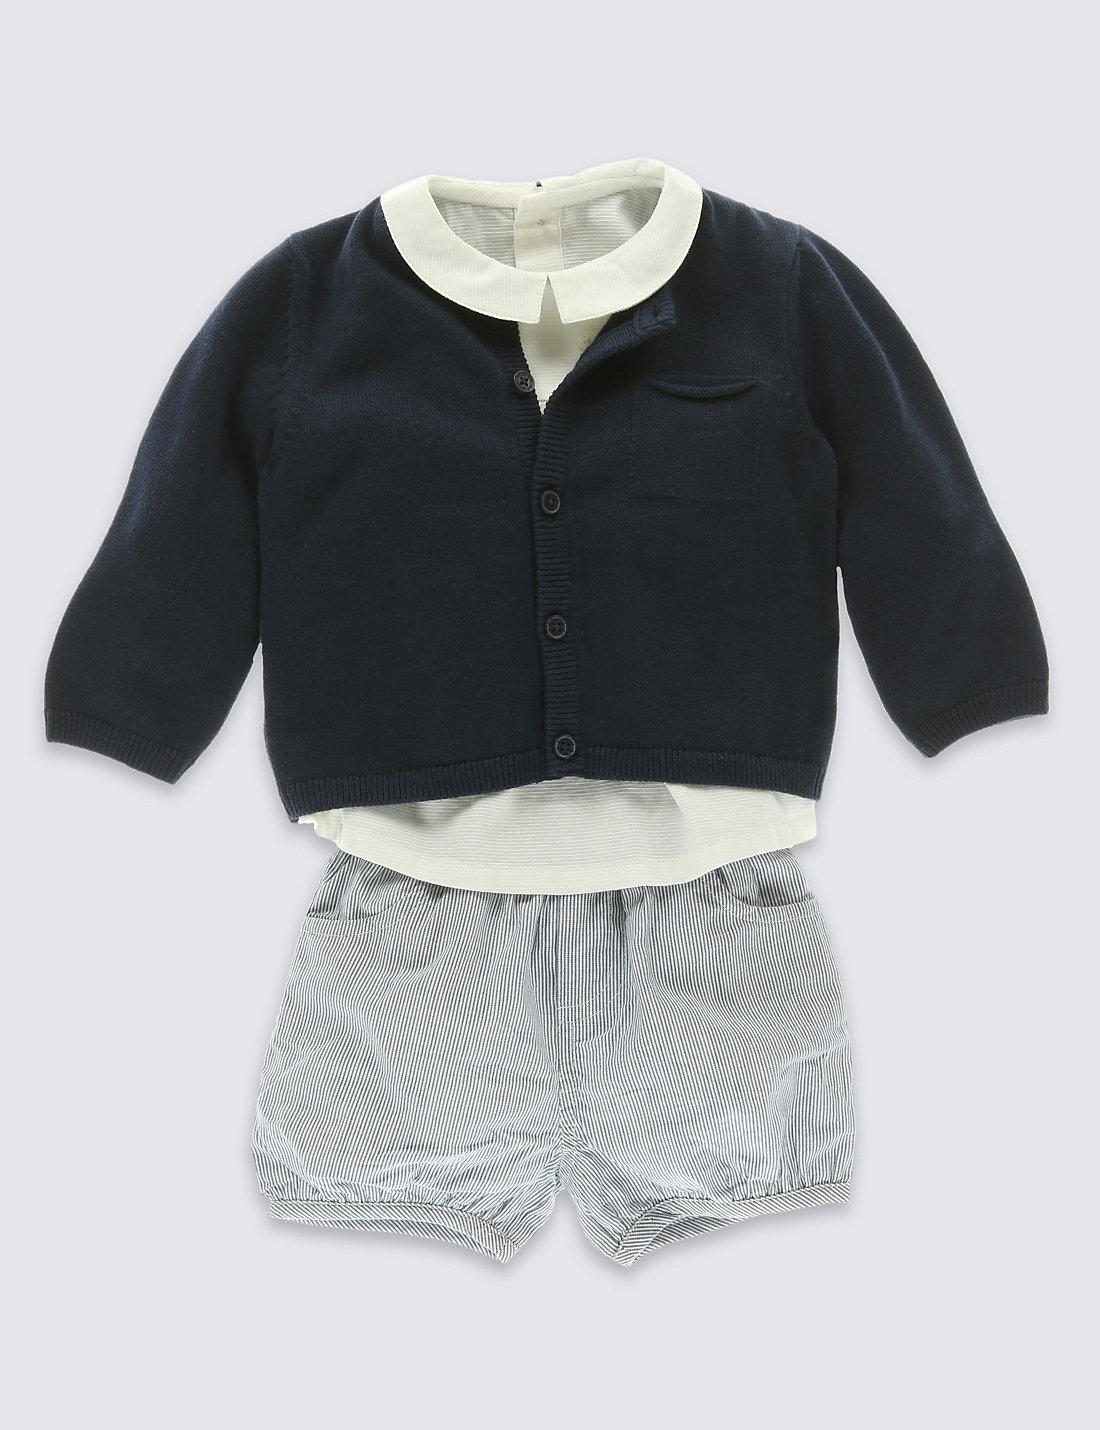 M&S shirt and shorts set